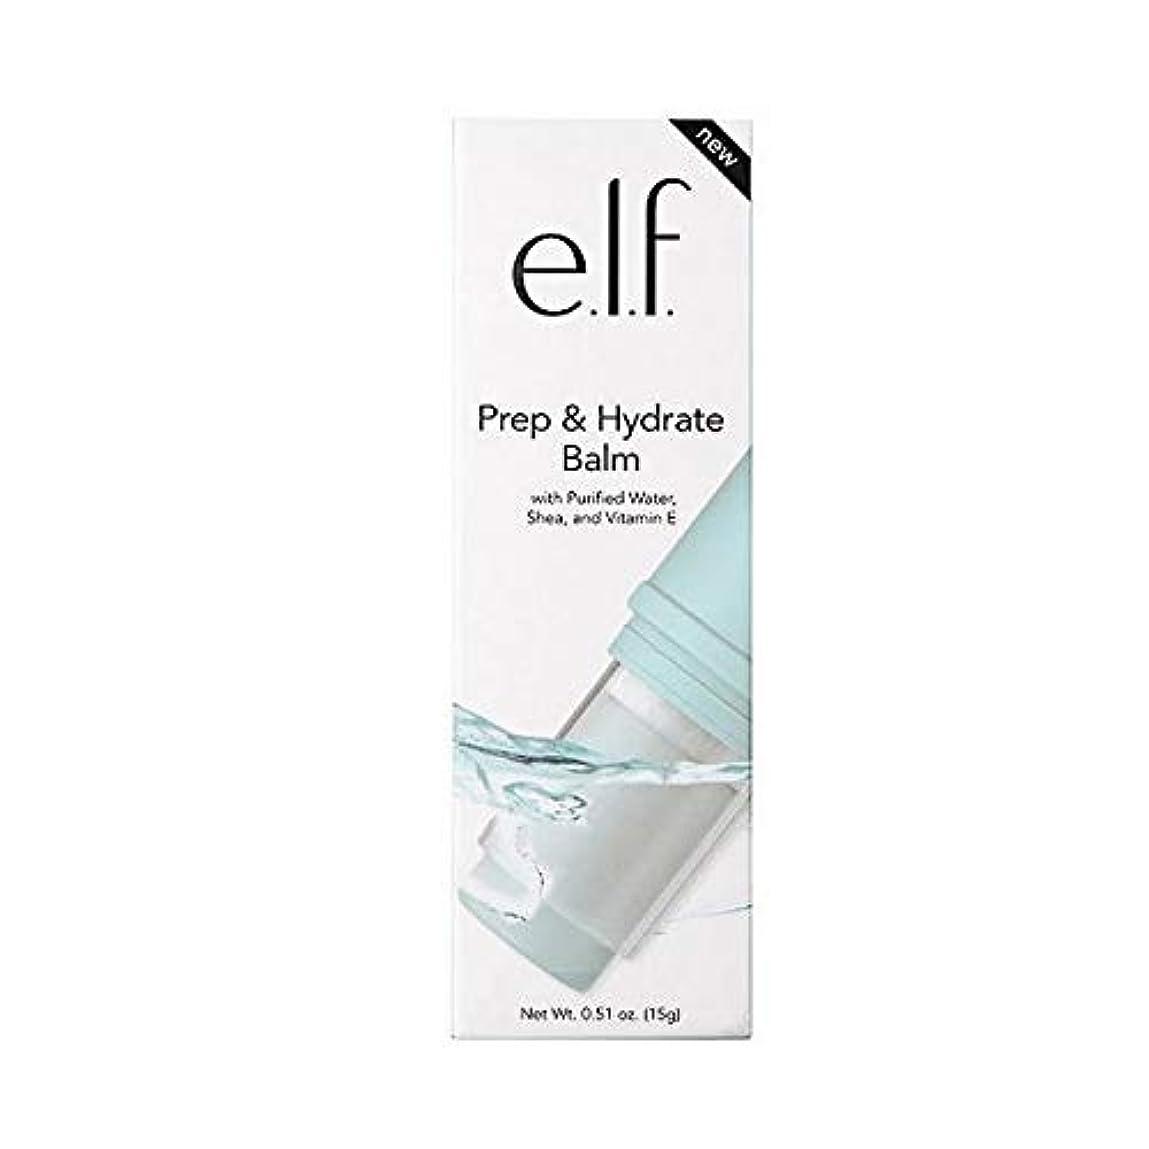 買い手伝染性ペース[Elf ] エルフ。予備校&ハイドレートクリーム - e.l.f. Prep & Hydrate Balm [並行輸入品]